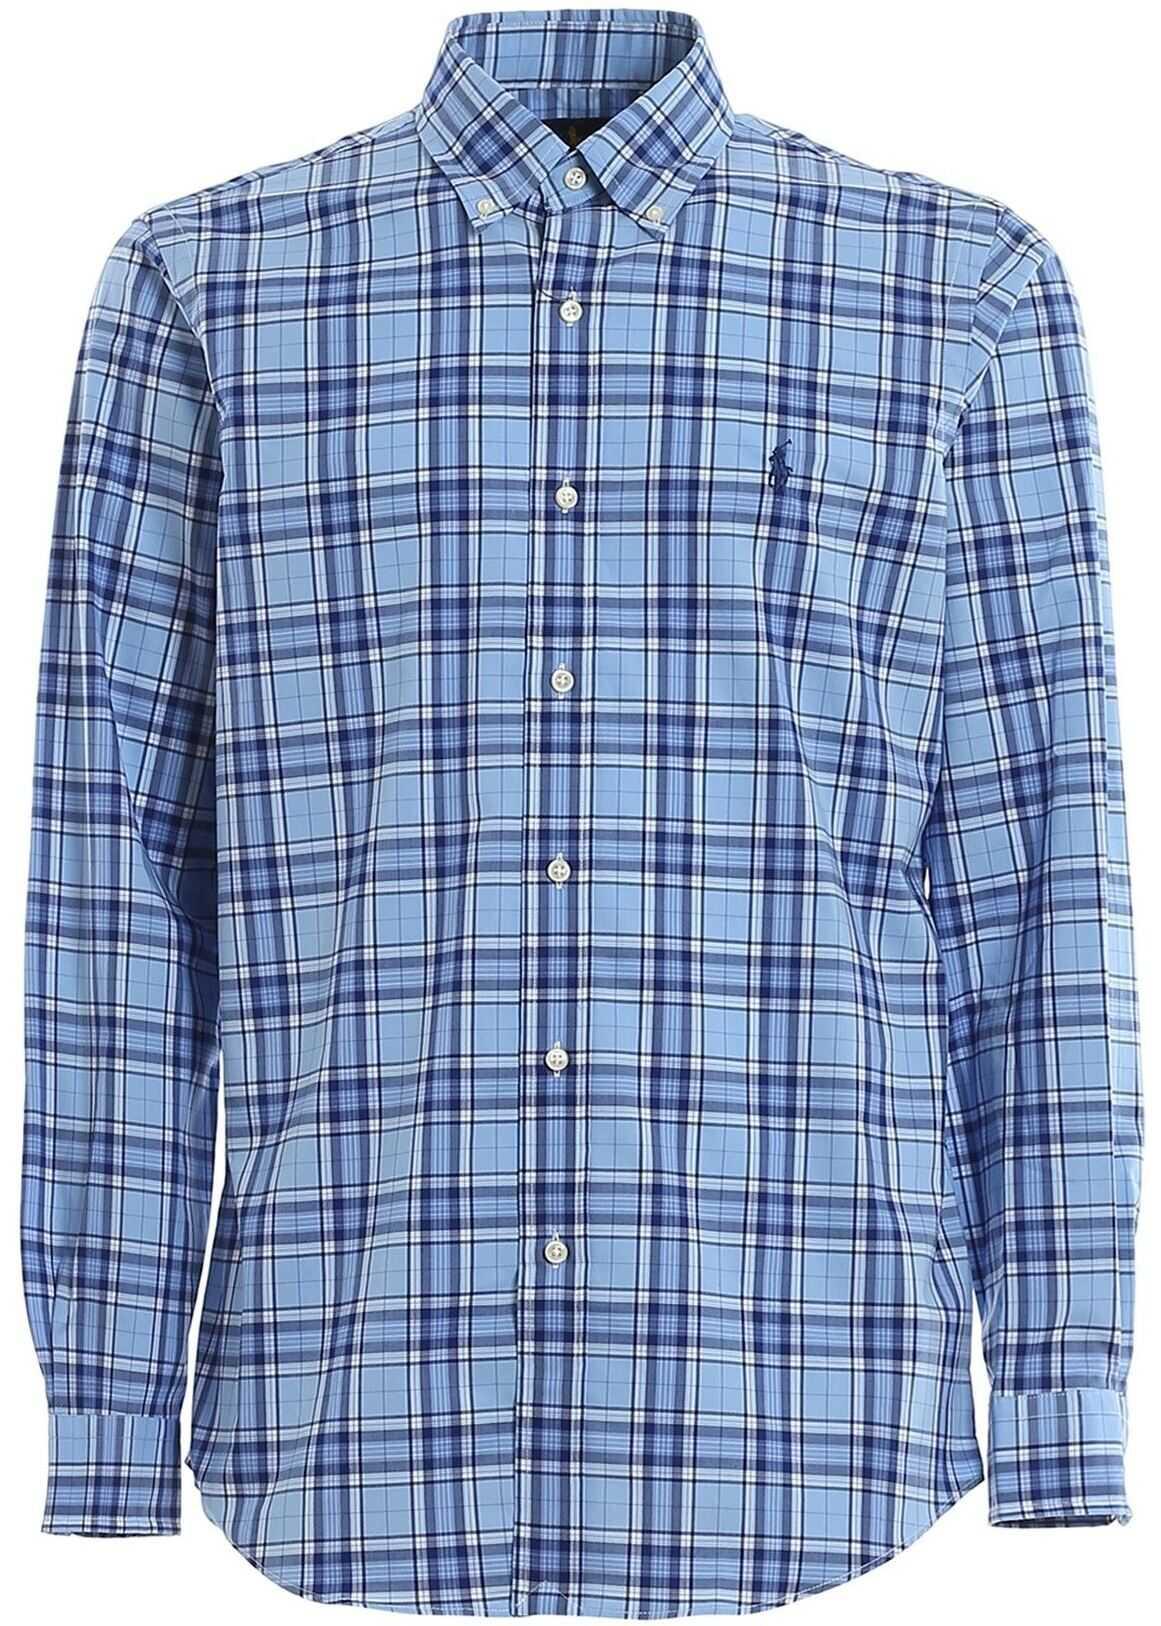 Ralph Lauren Check Print Shirt In Blue And Light Blue Blue imagine